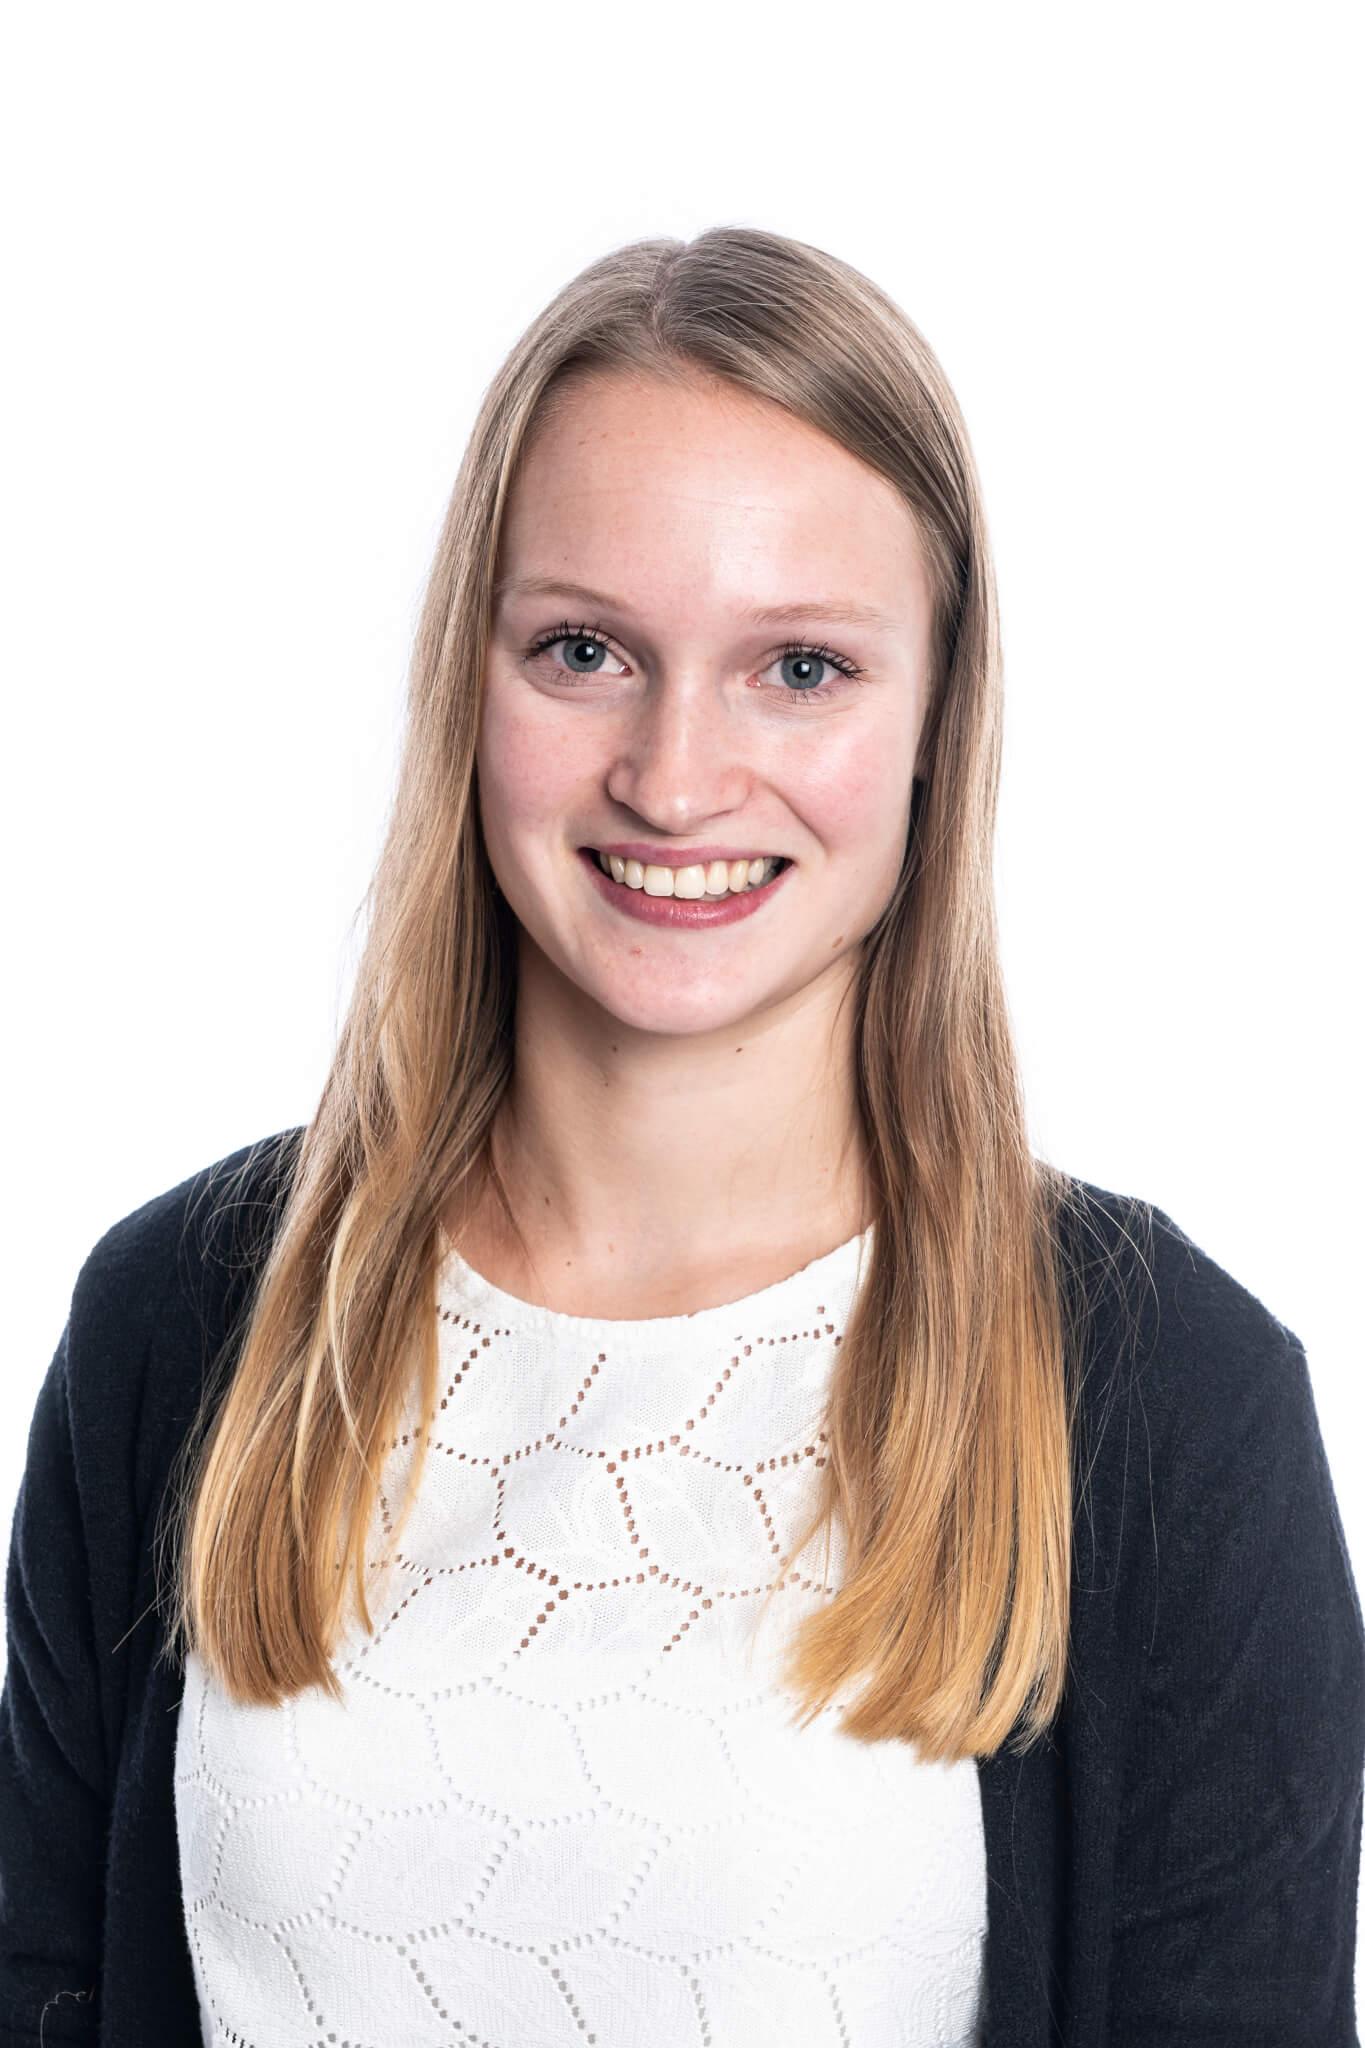 Esmee Noordermeer